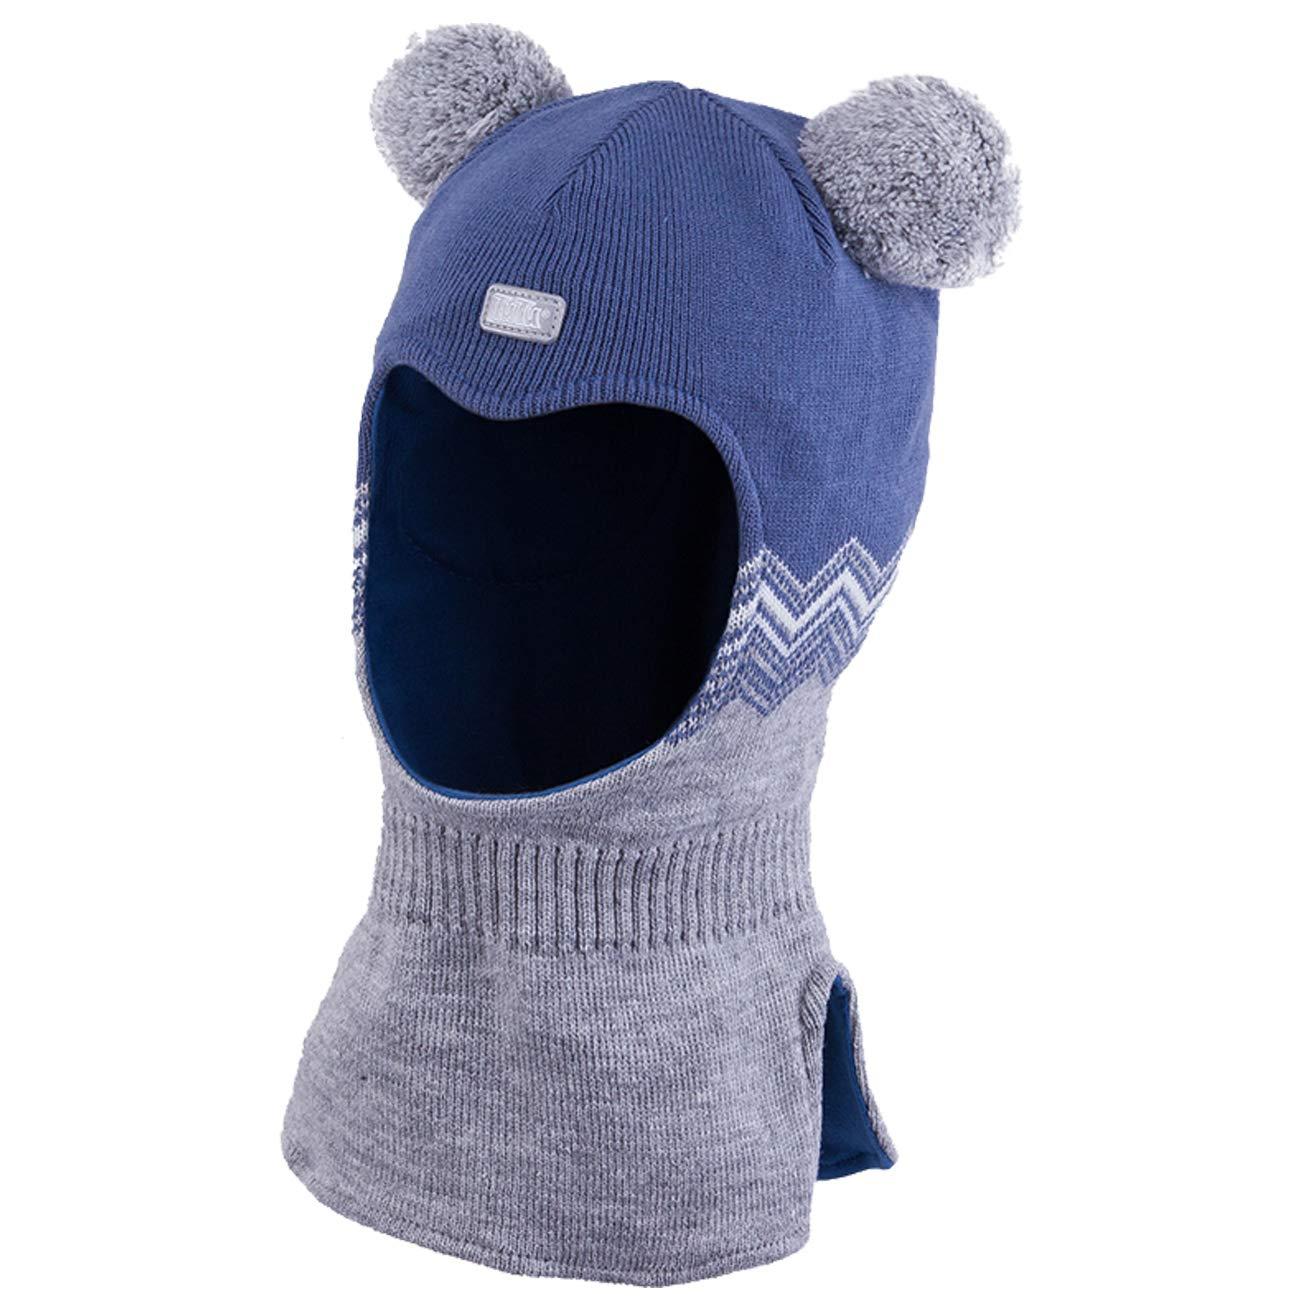 Galeja TuTu Kinder Schlupfmütze Jungenmütze Winter Mütze Baumwollfutter mit Stirnschutz + Ohren Membran 3-004354